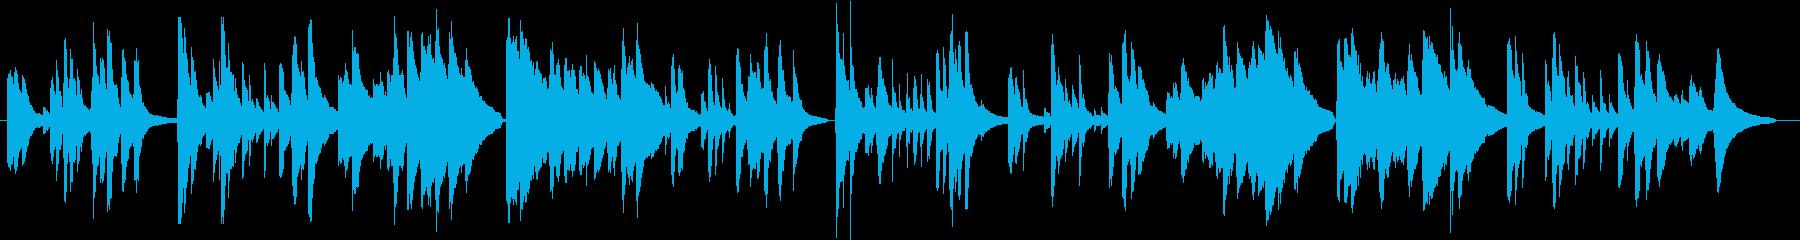 赤とんぼ ピアノ 童謡 の再生済みの波形